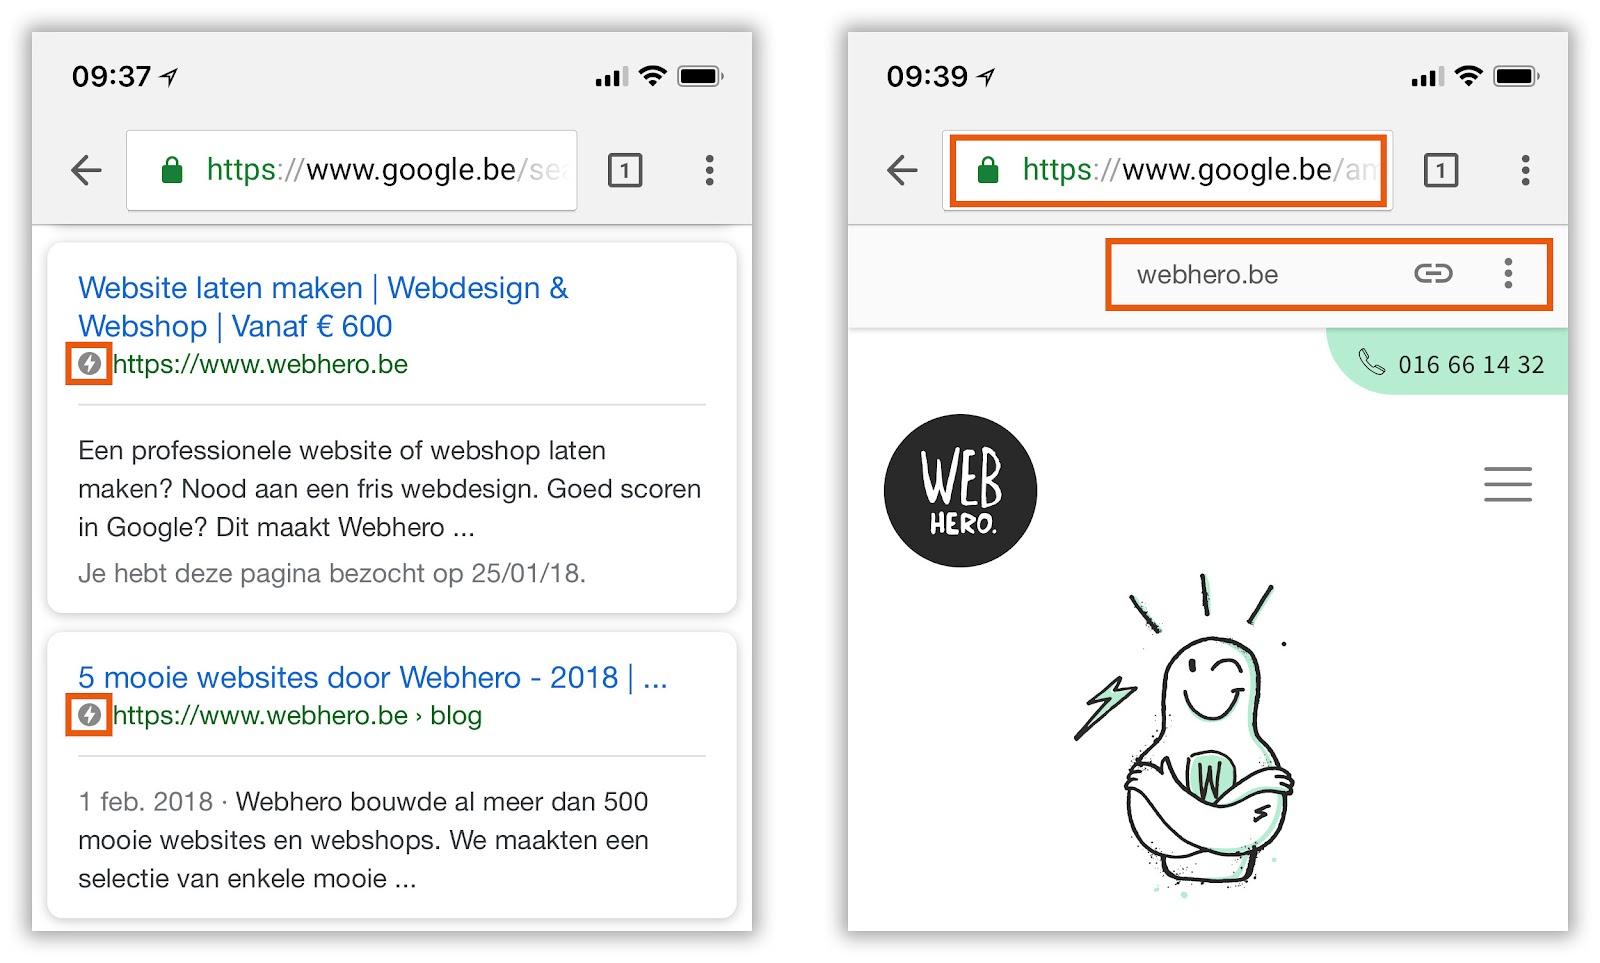 Hoe herken je AMP, website laten maken,  Webhero